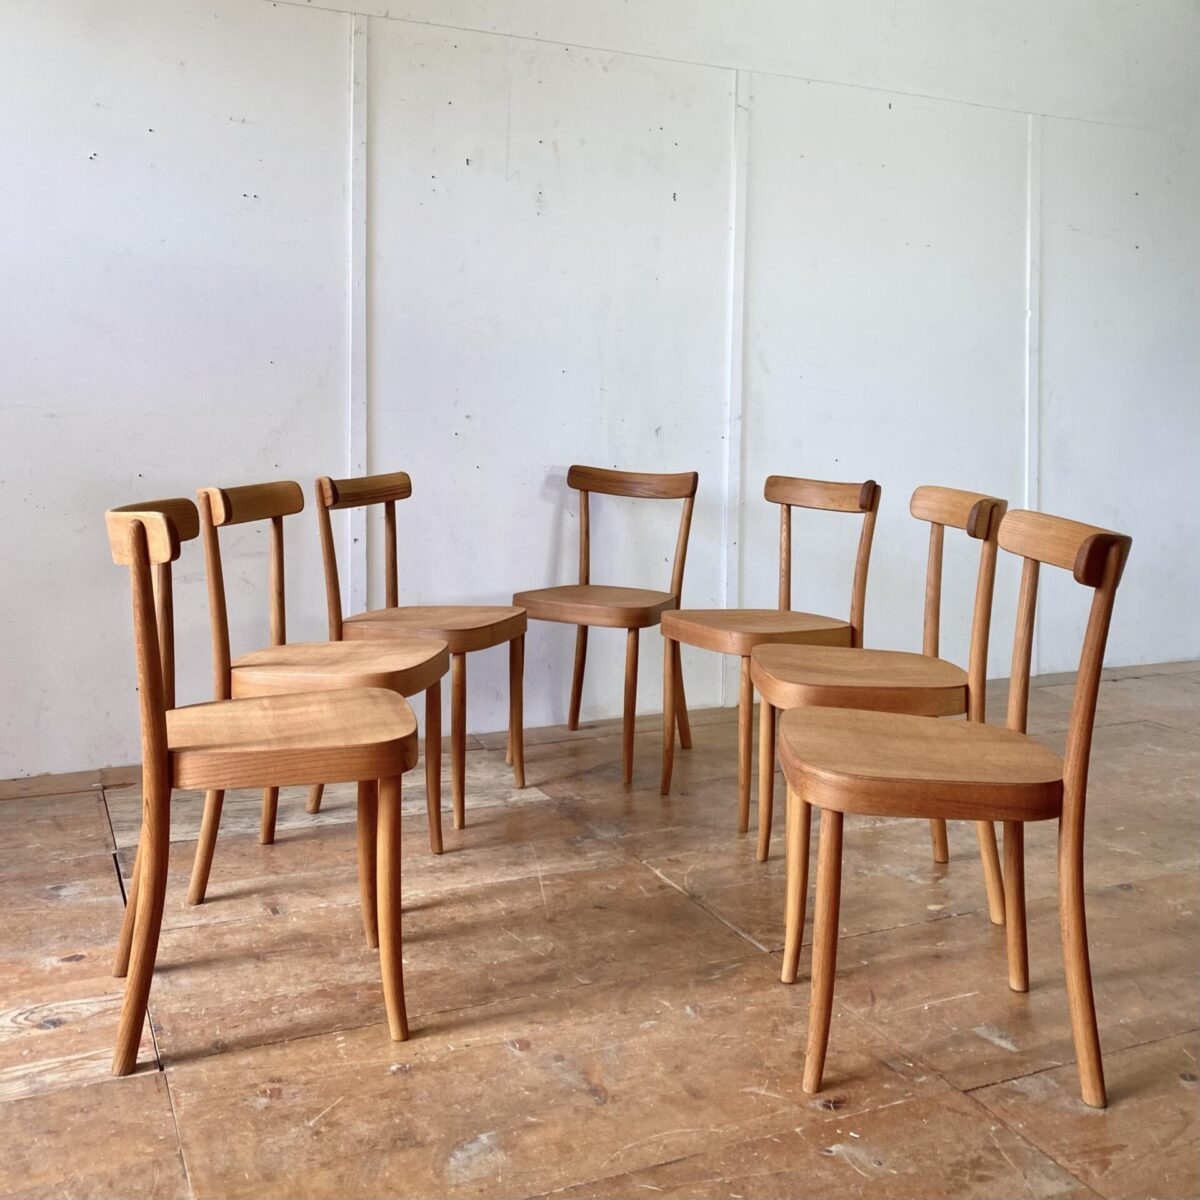 Deuxieme.shop swissdesign Max Moser. Horgenglarus Stühle von Max Moser in Ulmenholz Ausführung. Die Stühle sind restauriert, die alten defekten Sitzflächen mussten durch neue ersetzt werden. Die Holzoberflächen sind mit Naturöl behandelt. Die Stühle haben eine warme Ausstrahlung mit leichter Alterspatina. Bei zwei Stühlen wurde ein Hinterbein durchgehend verschraubt. Der Moser Stuhl 1-250 wird immer noch in Buchenholz produziert. Der Preis bezieht sich pro Stuhl, die zwei mit Holzzapfen im Hinterbein 500.- pro Stuhl.